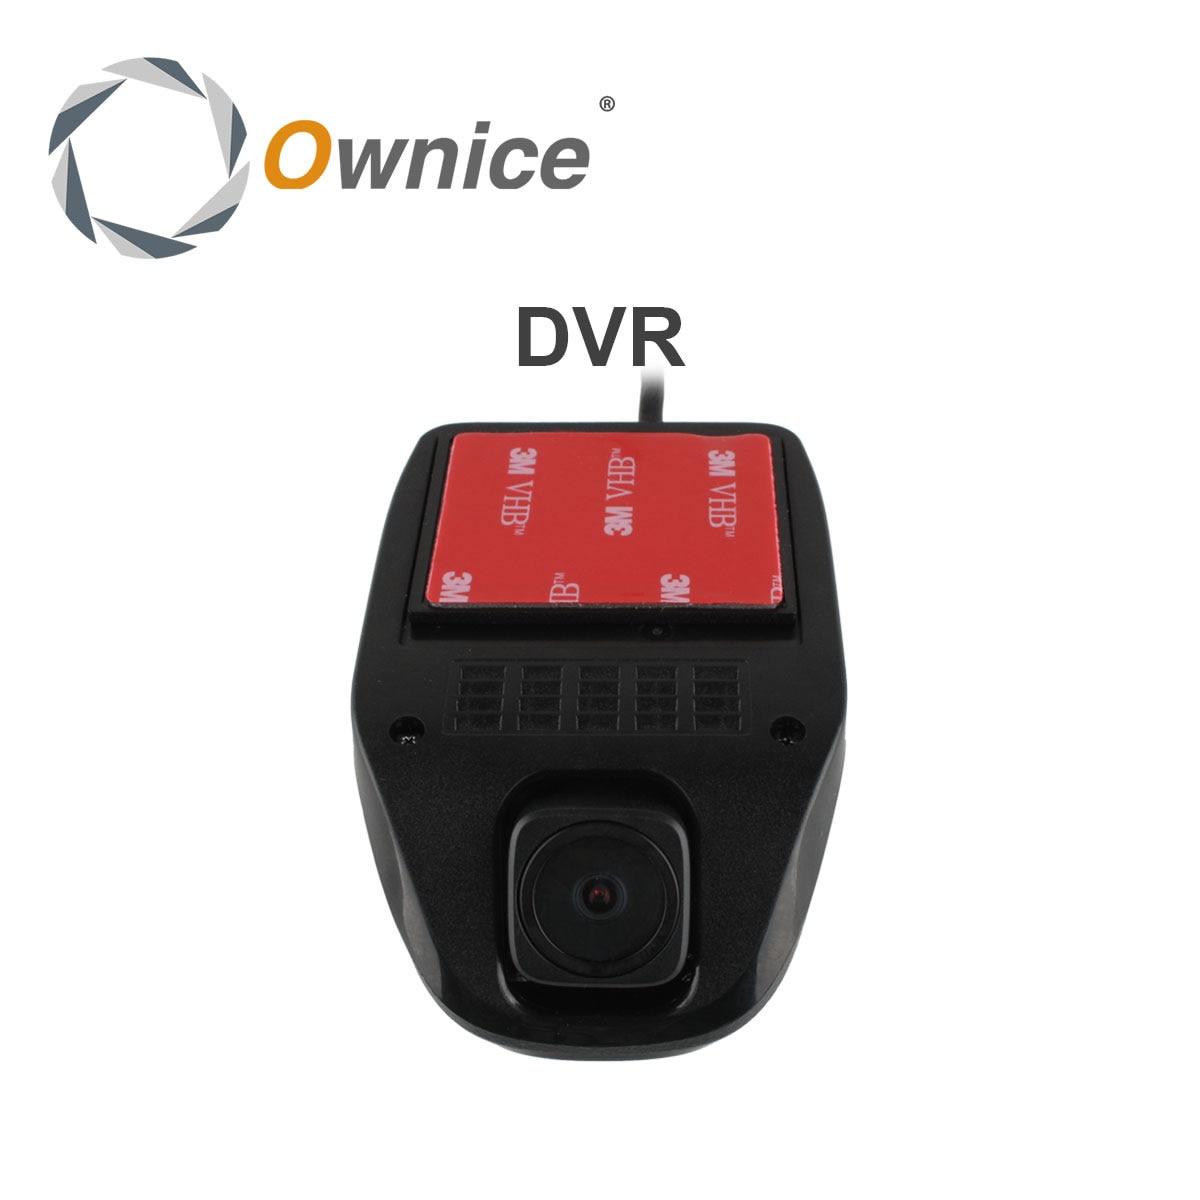 C500 especial DVR sem Bateria Para Ownice DVD Do Carro e o DVD fabricação data deve após 10th do Mês de Abril, 2017 (incluído 10th).